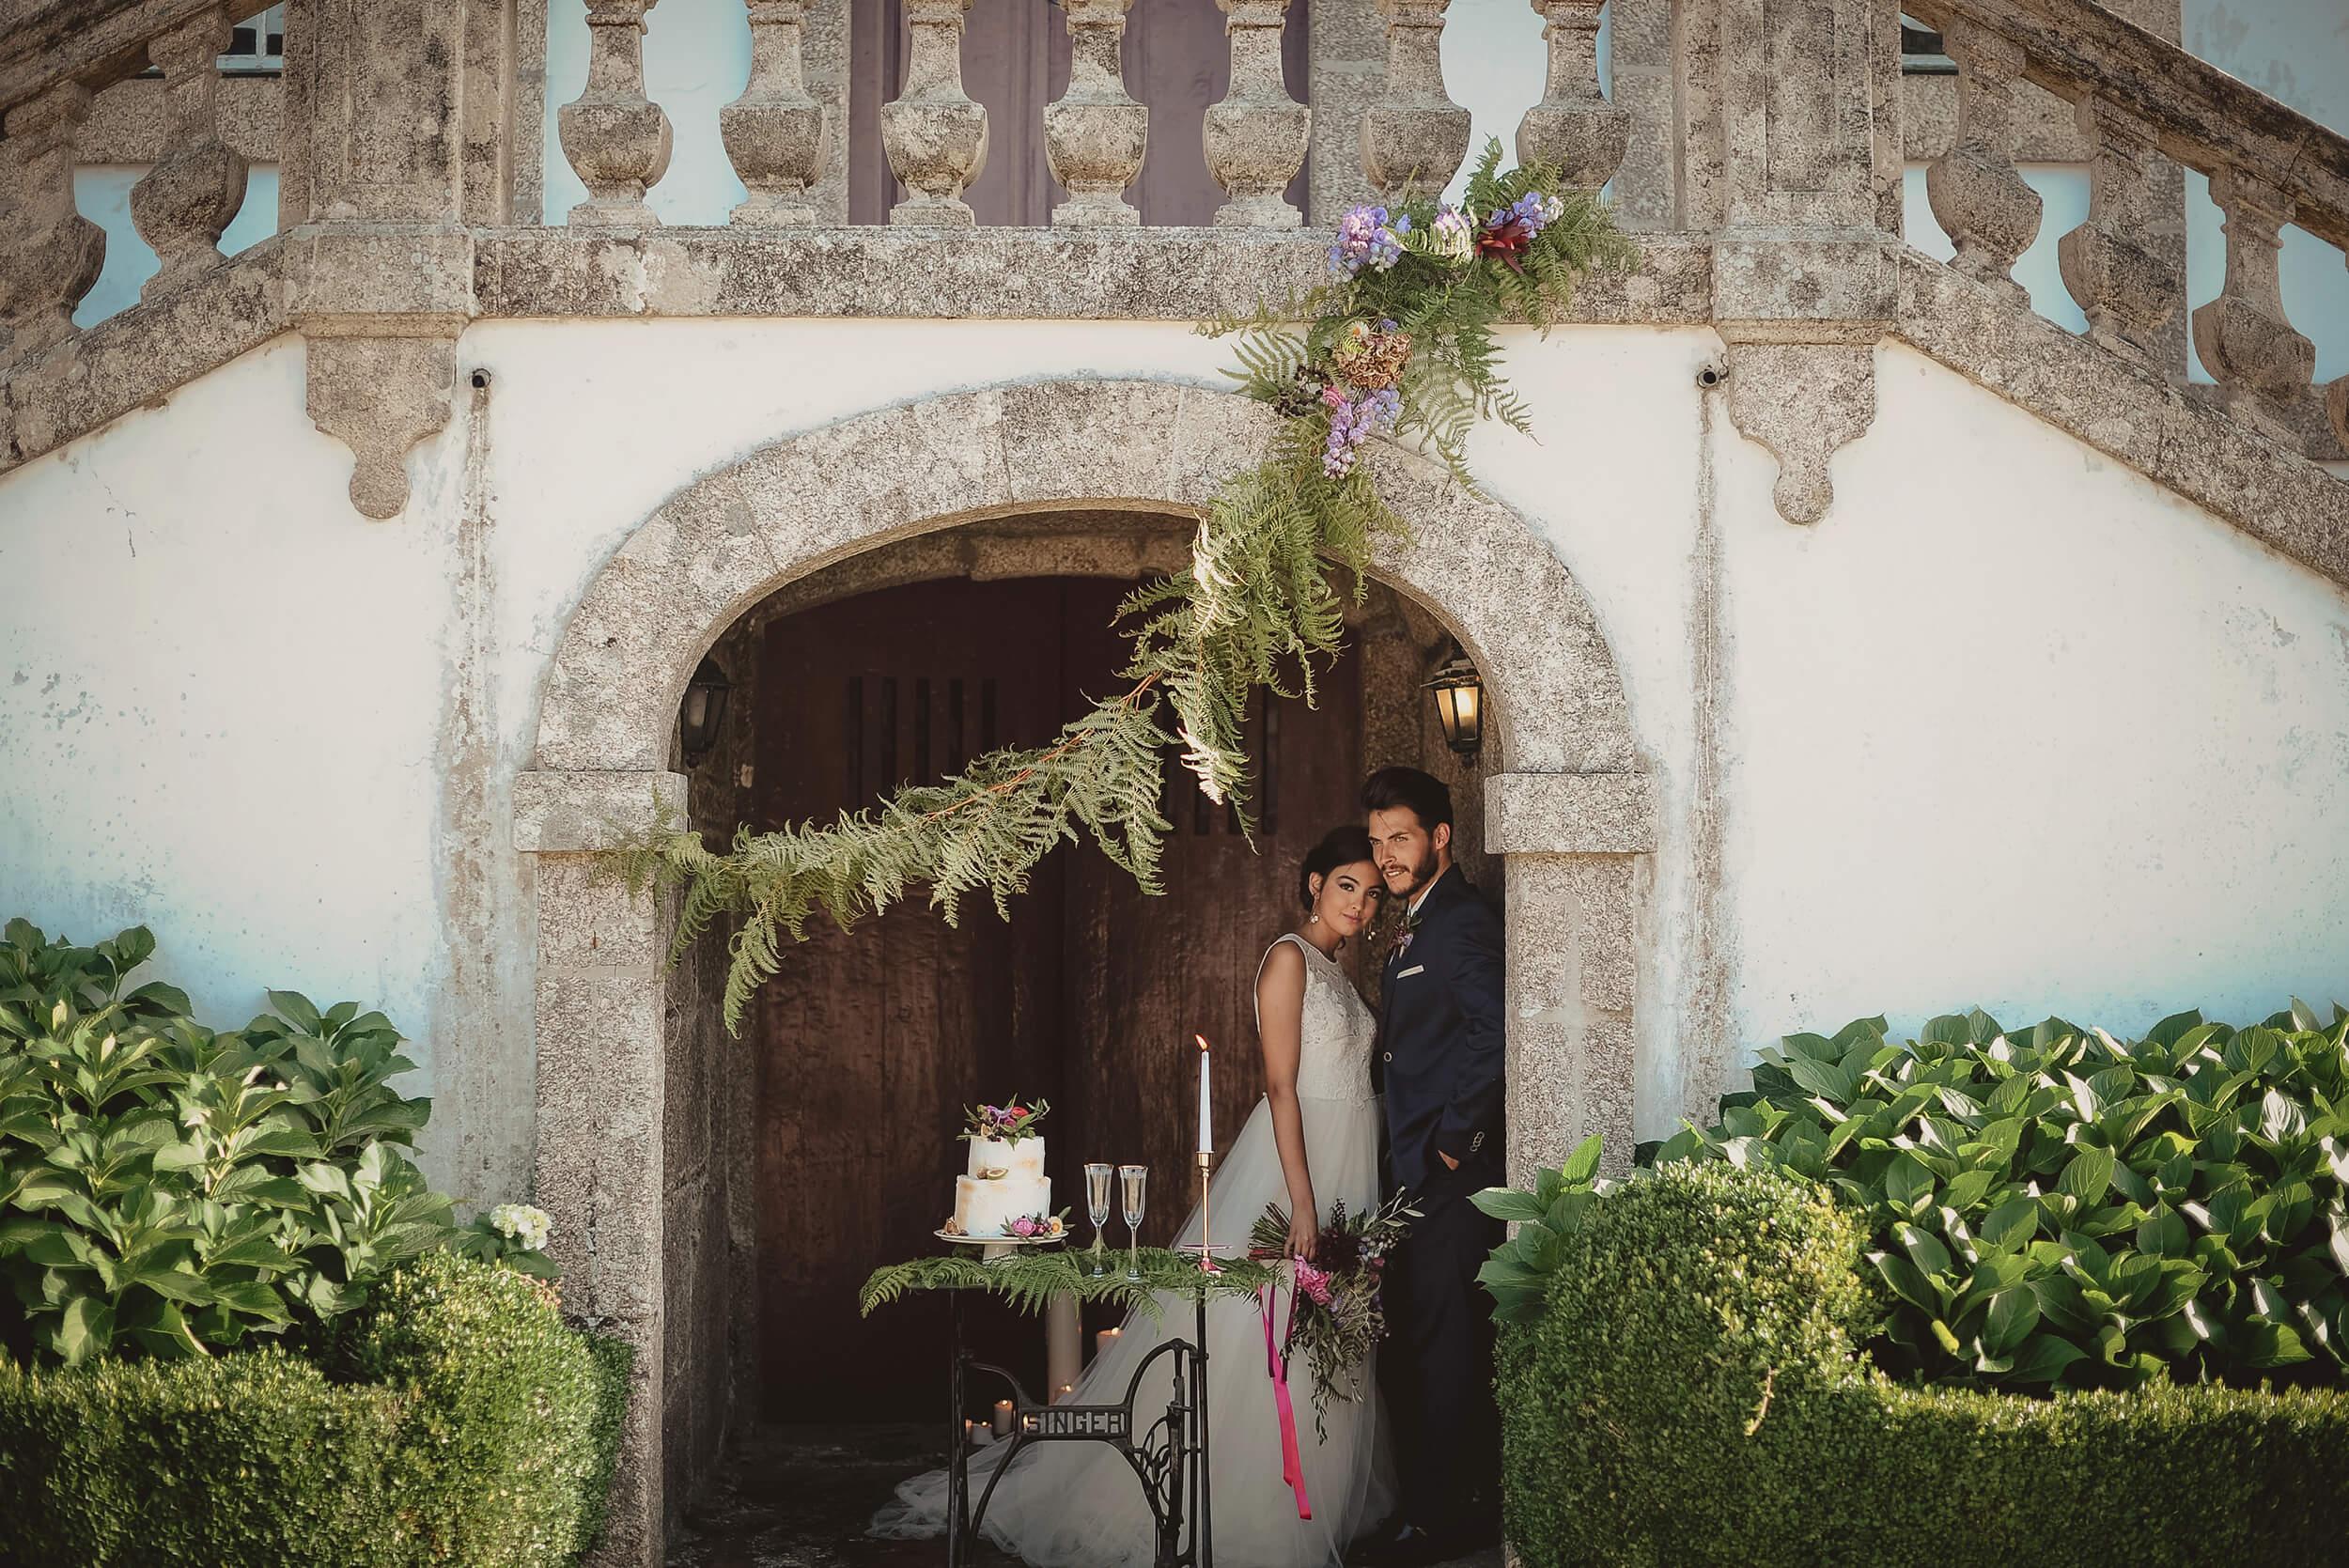 roma-organizacao-eventos-editorial-casamento-colorful-wedding-29